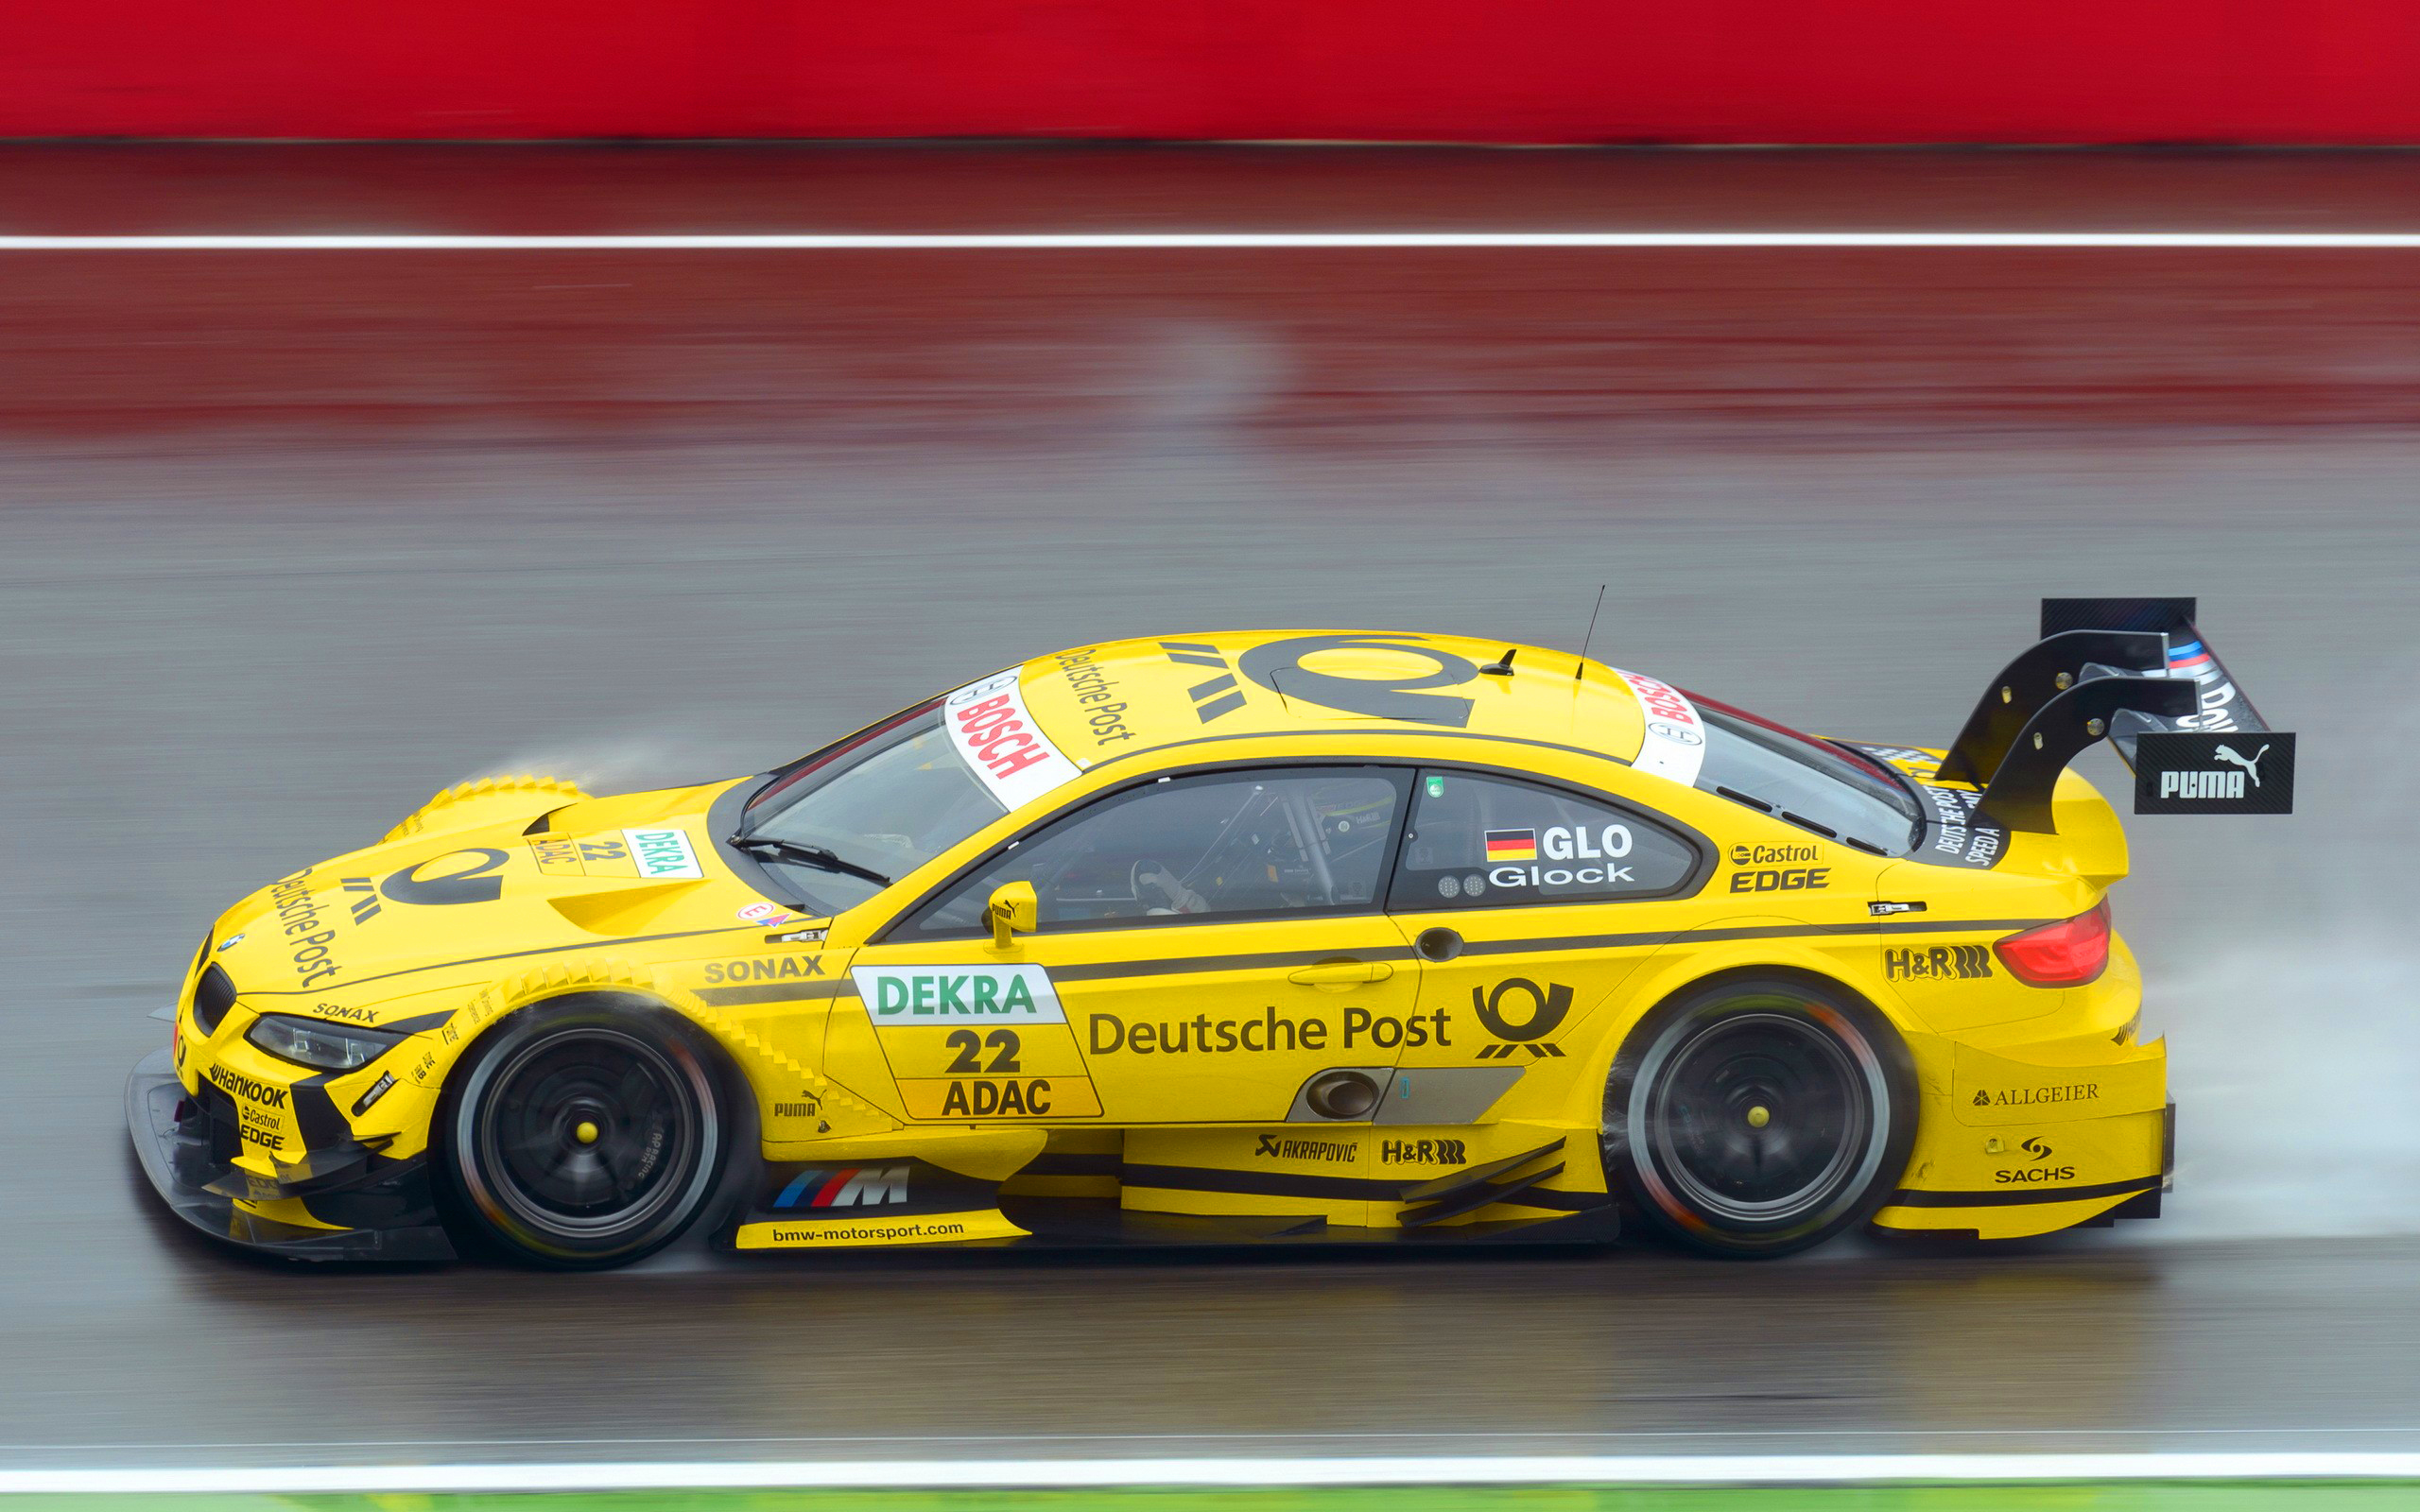 Bmw dtm racing car